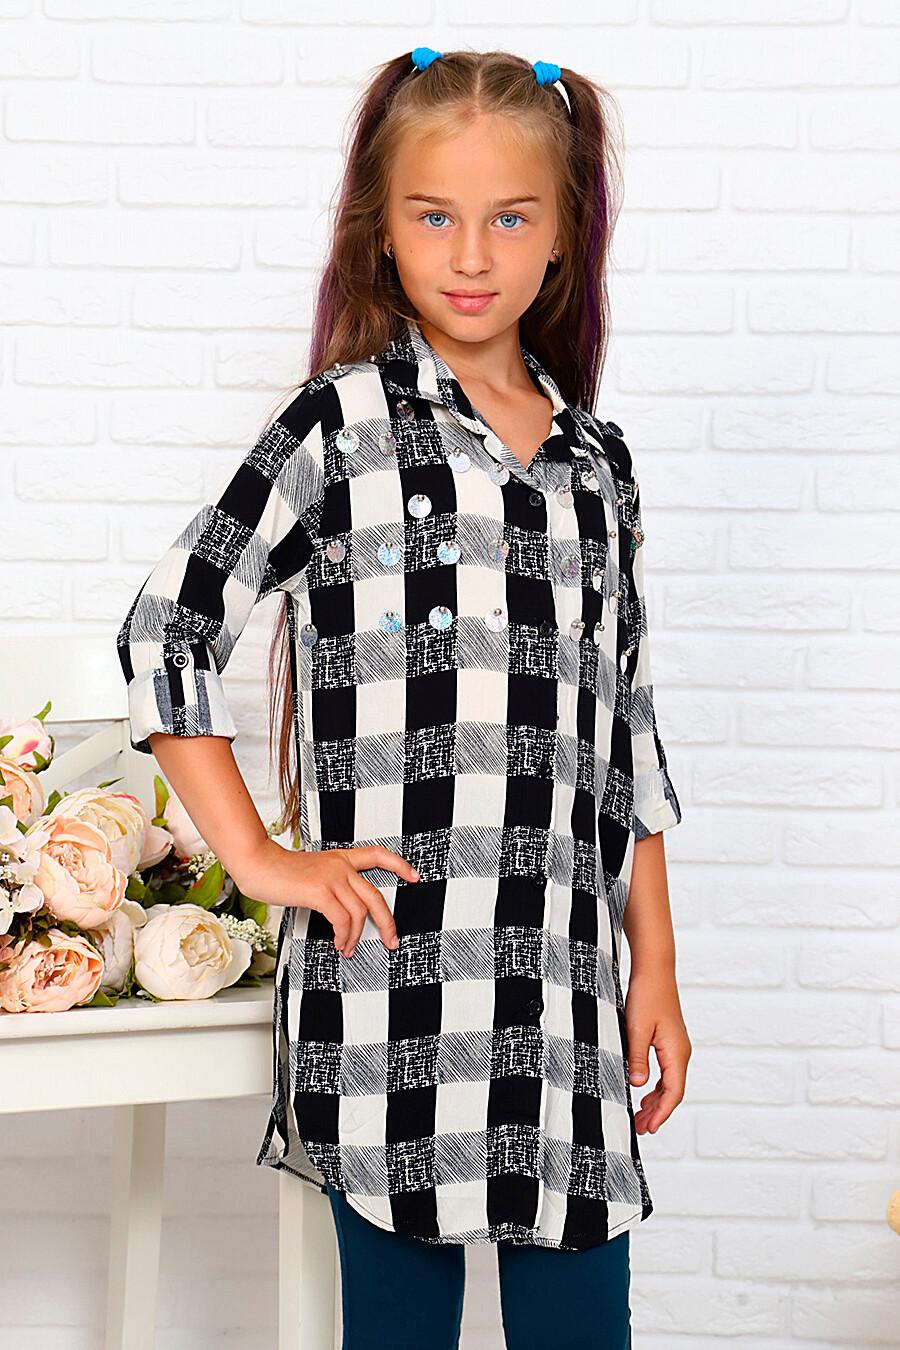 Туника-рубашка для девочек SOFIYA37 667886 купить оптом от производителя. Совместная покупка детской одежды в OptMoyo